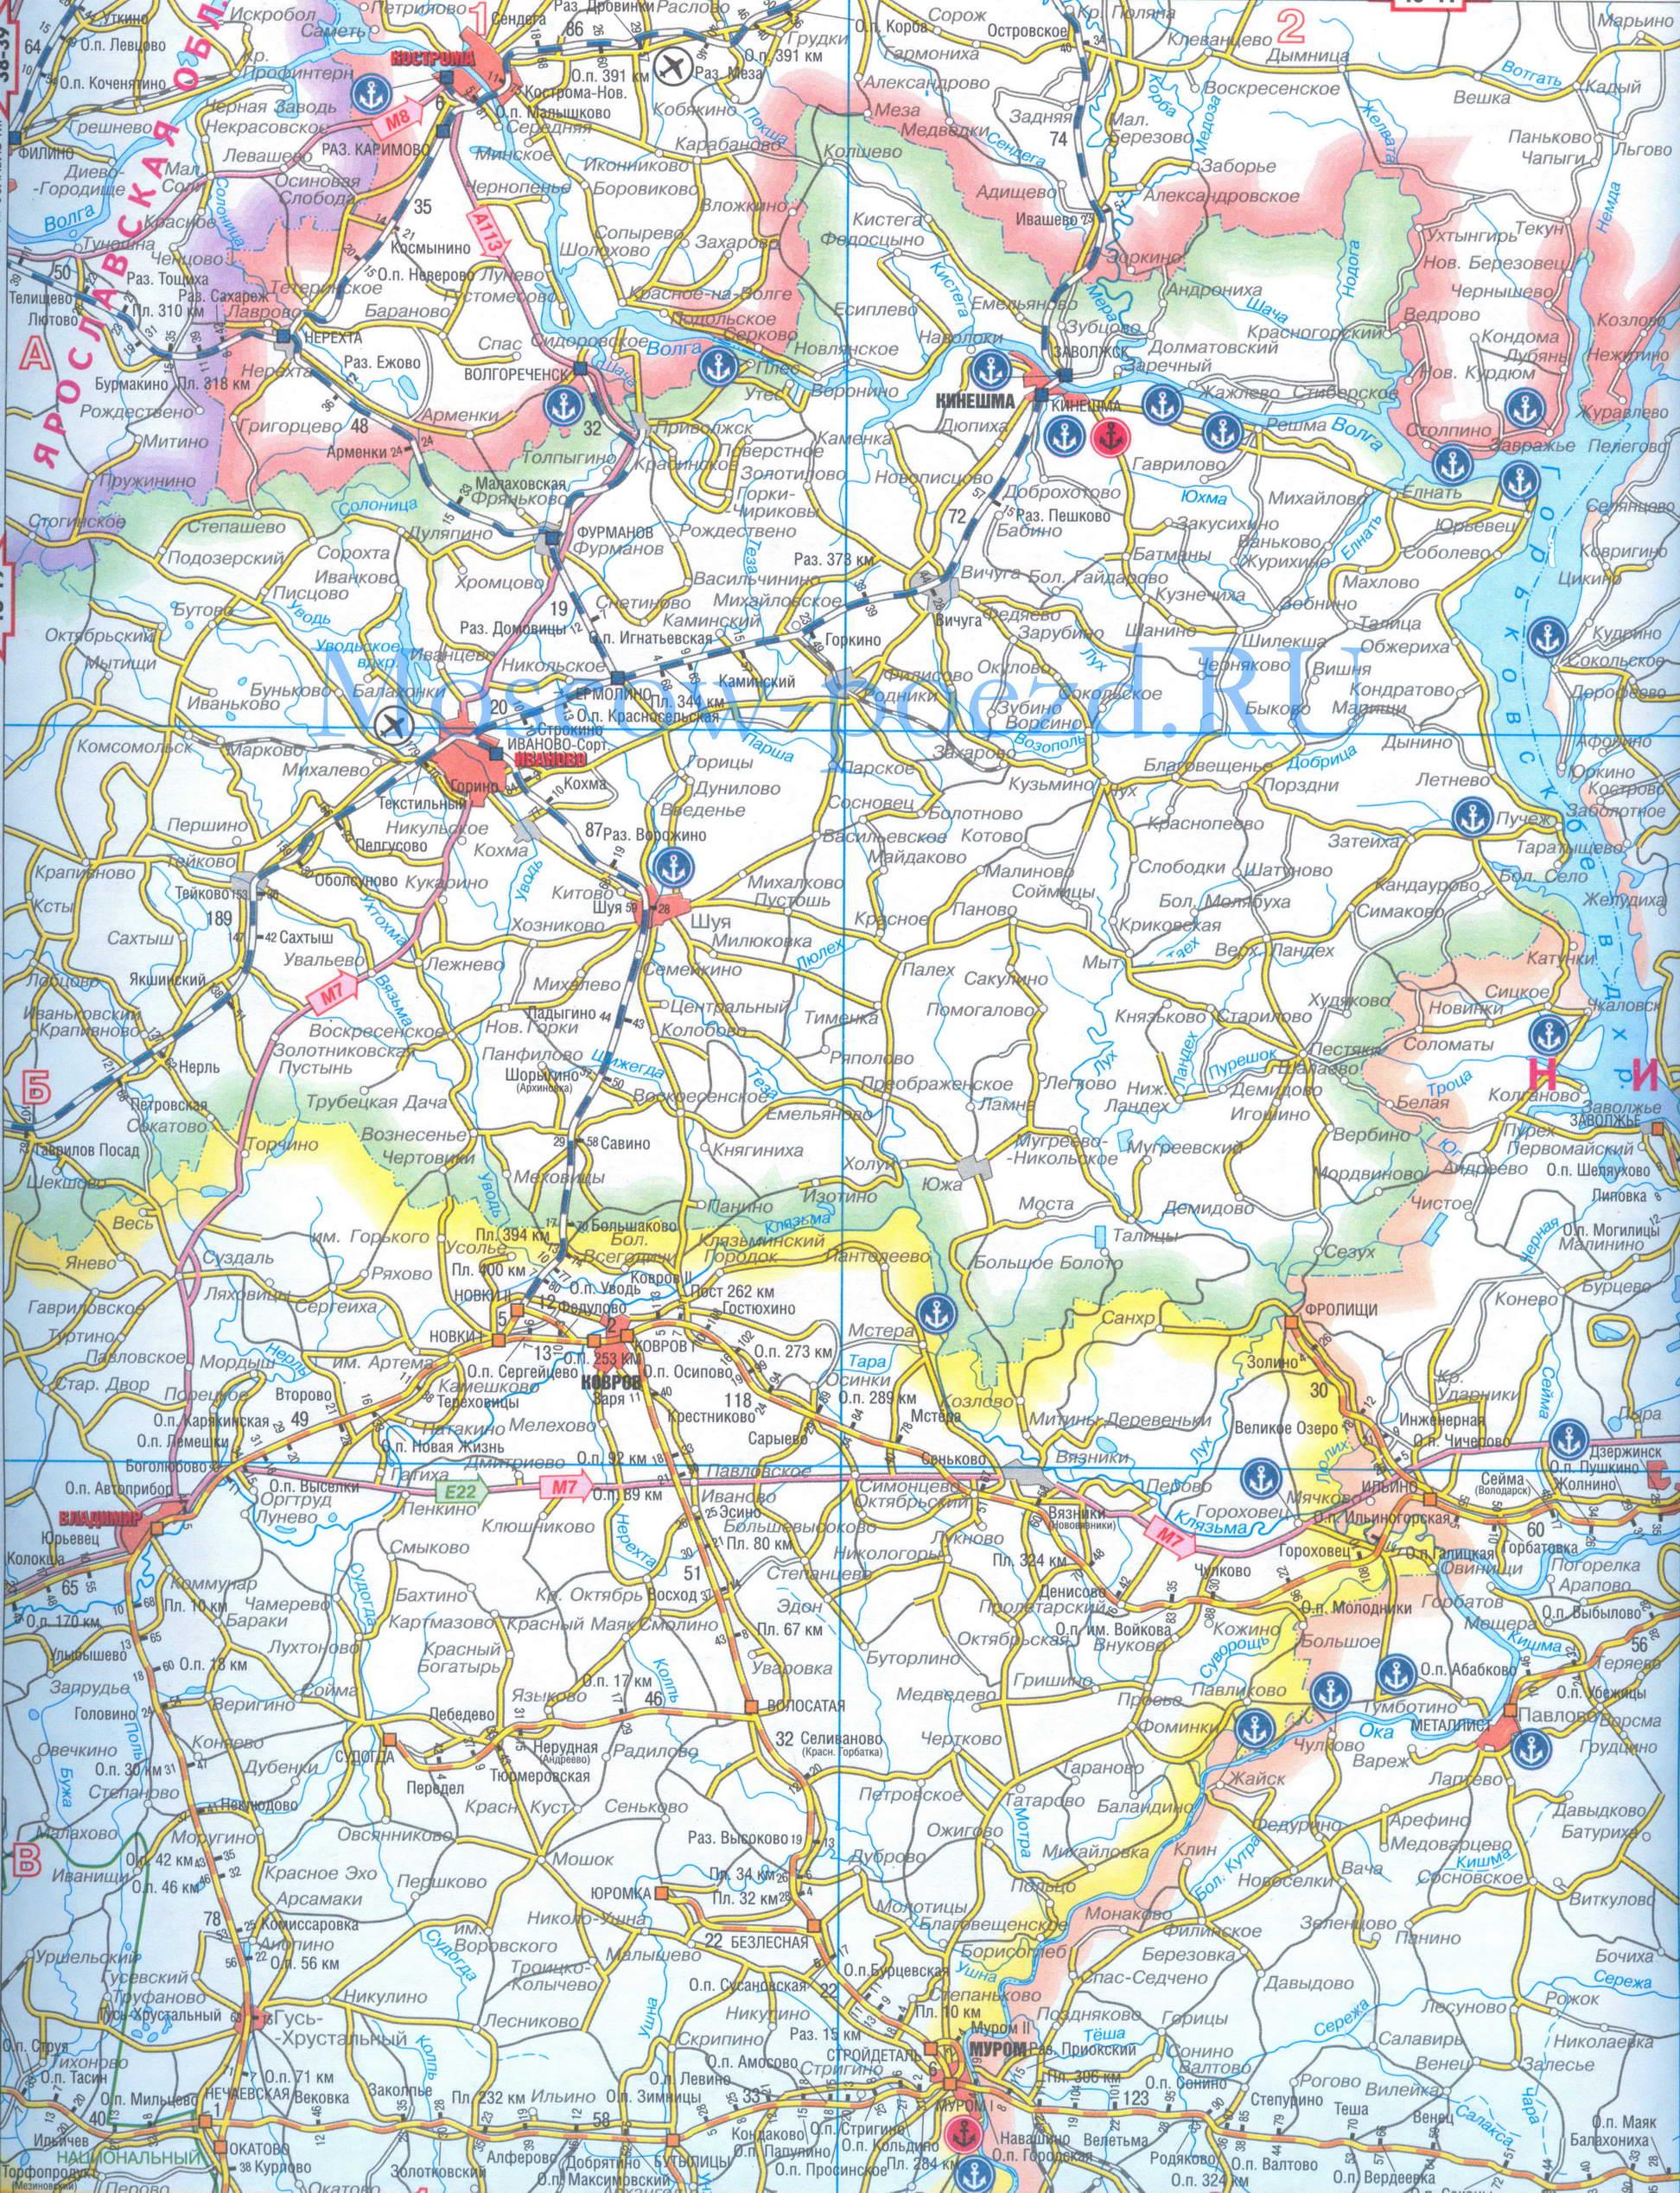 Карта железных дорог Украины. Подробная карта ...